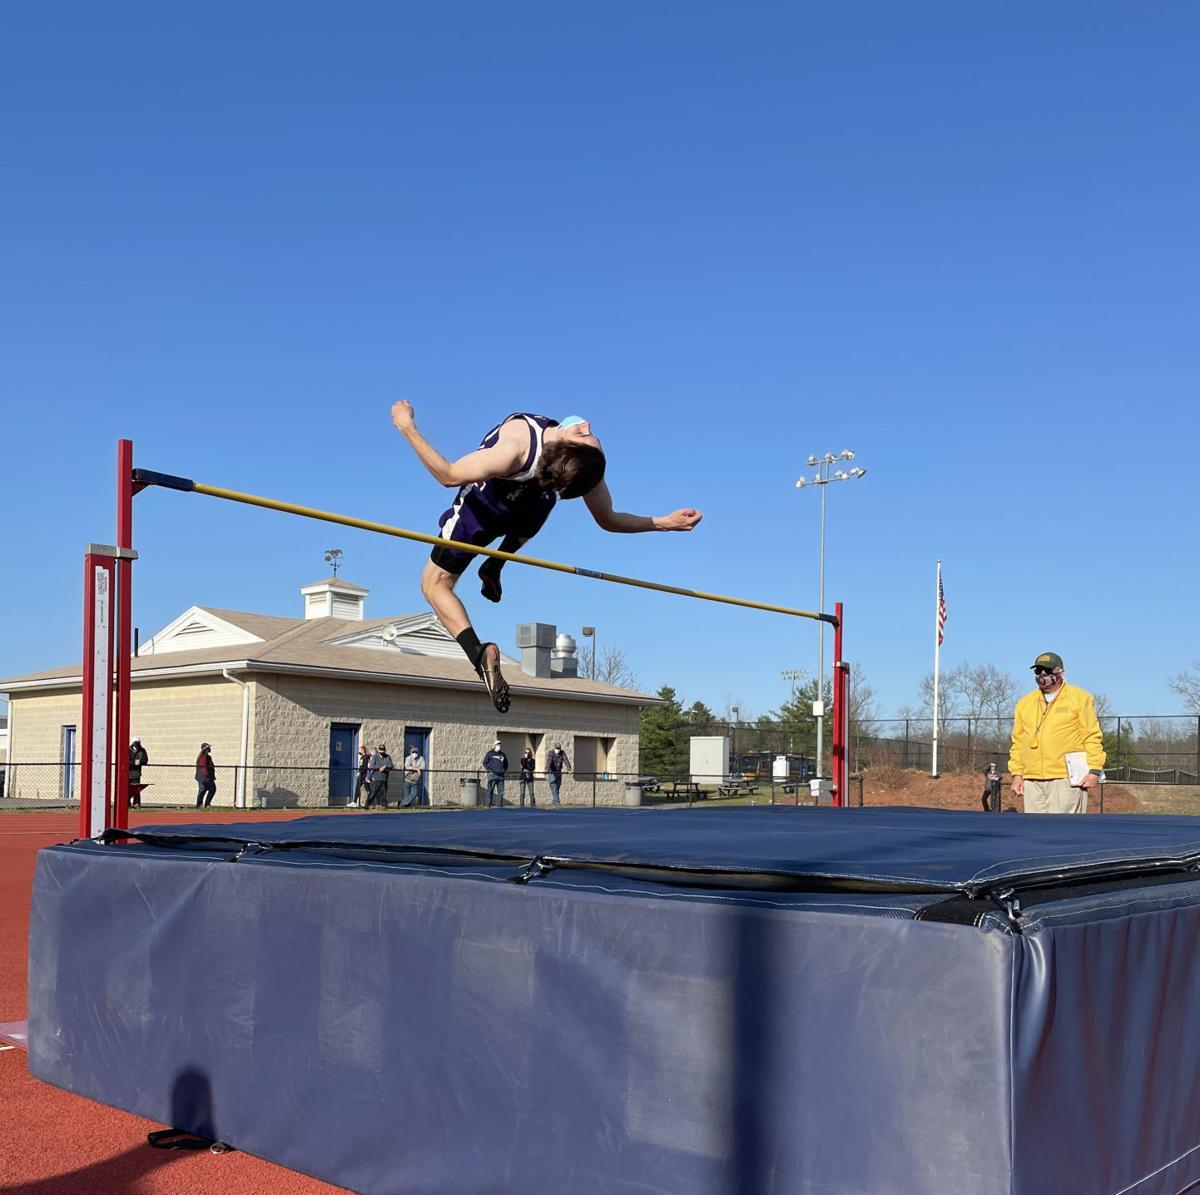 2021-04-17-tsc-spt-Paul Wisnaskas-high-jump